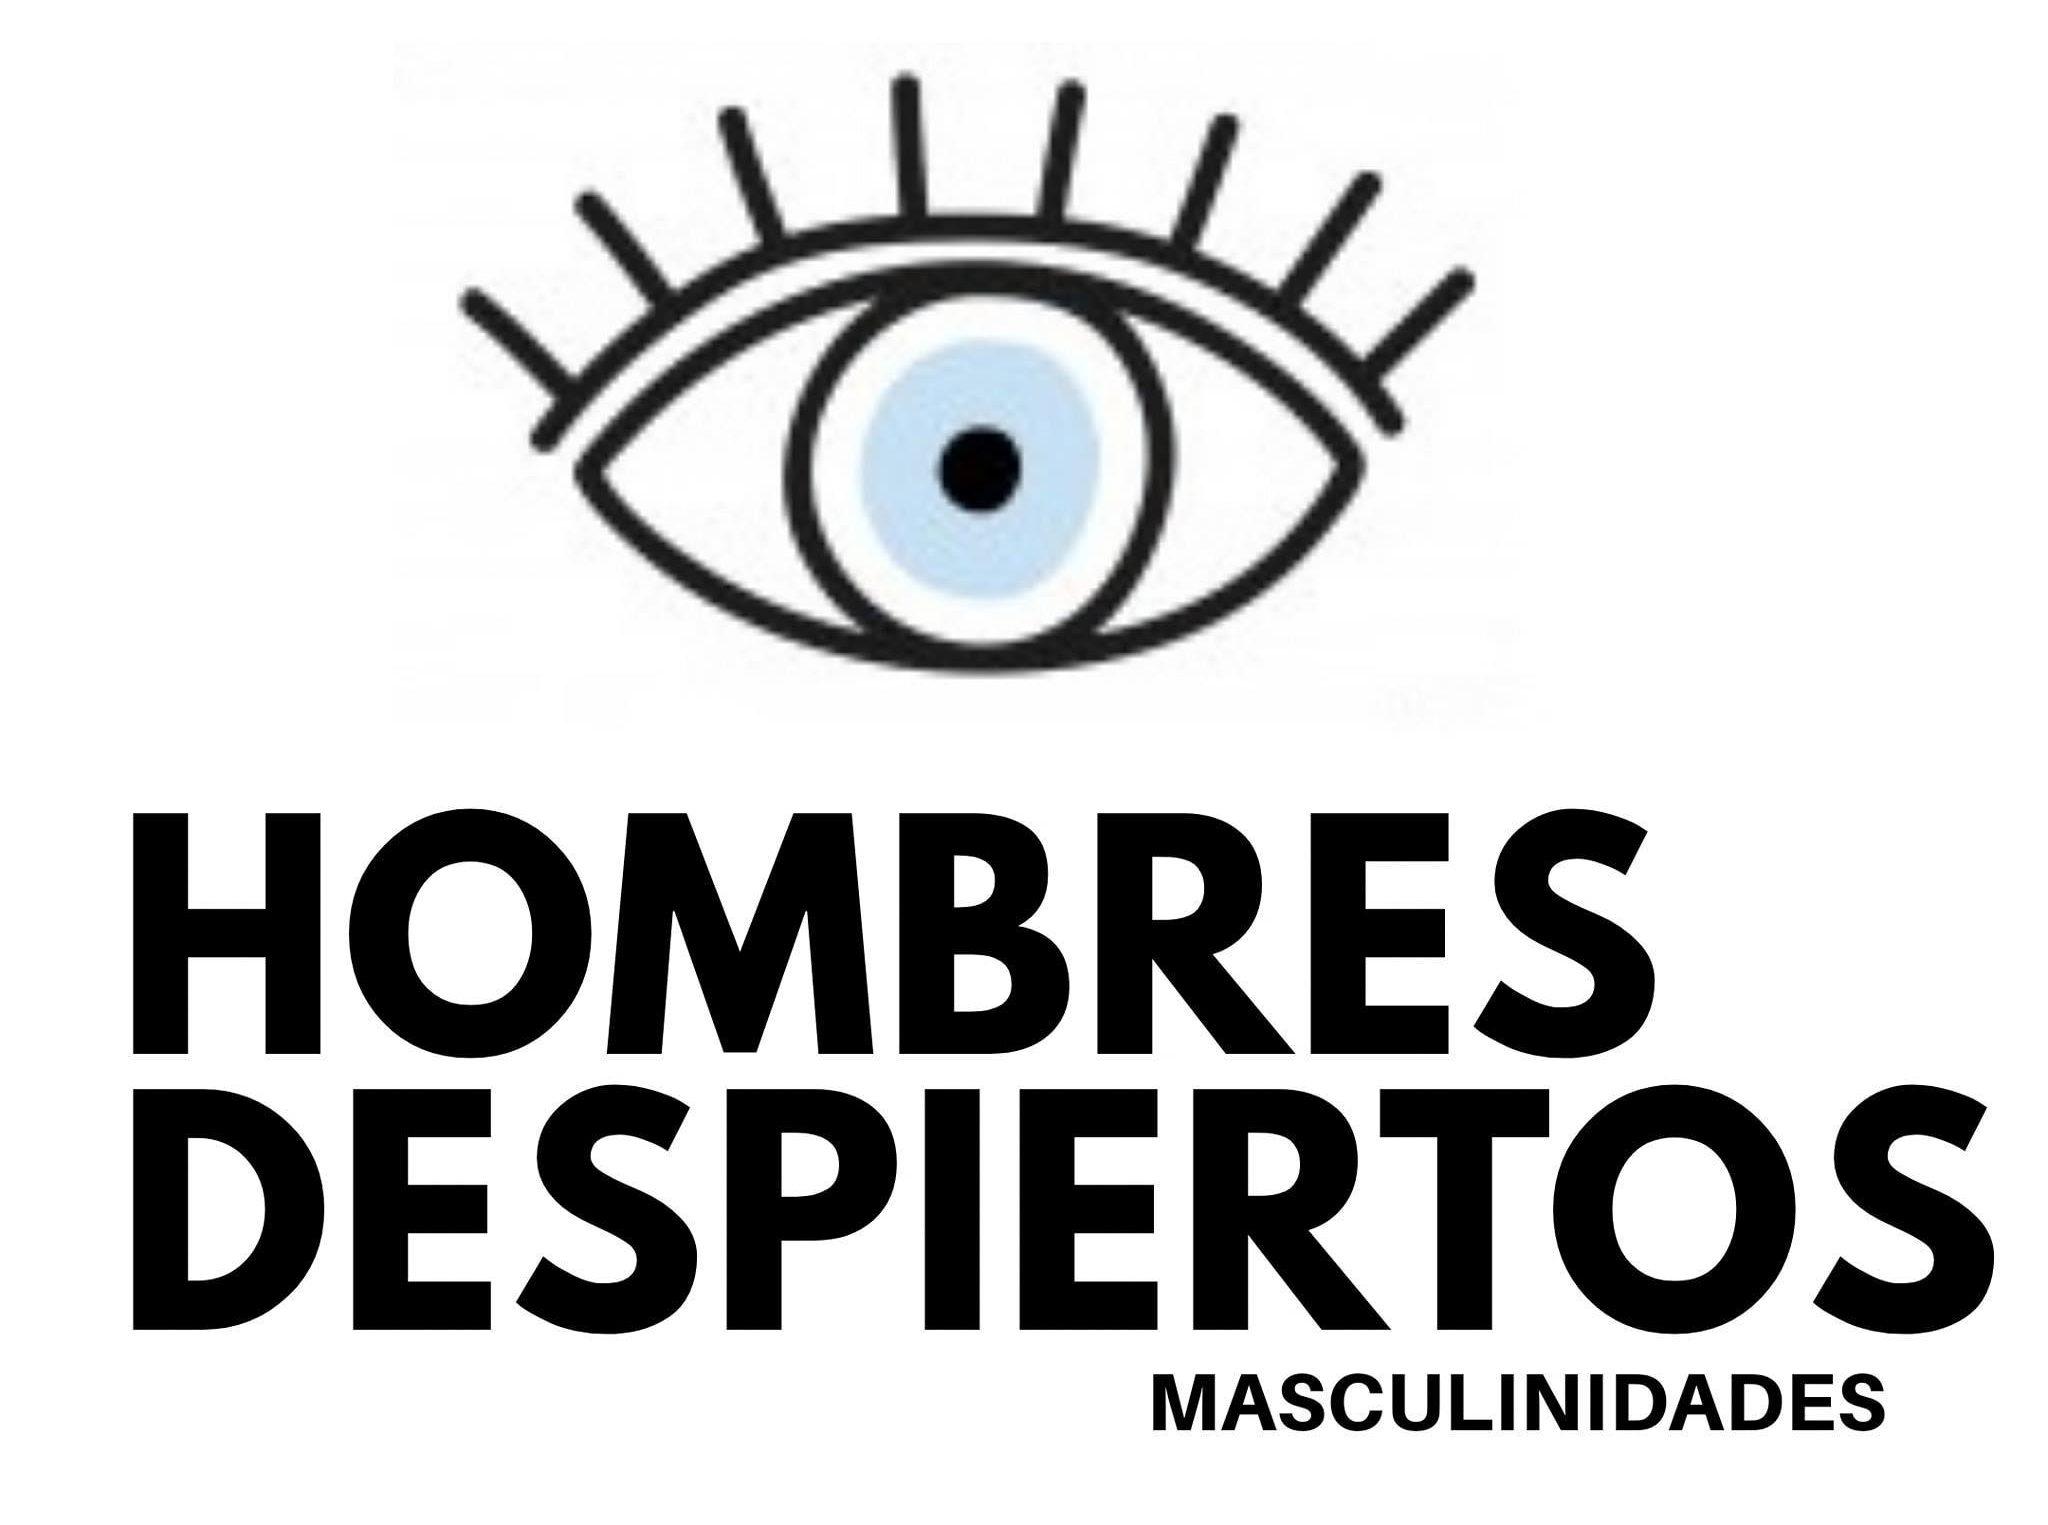 HOMBRES DESPIERTOS